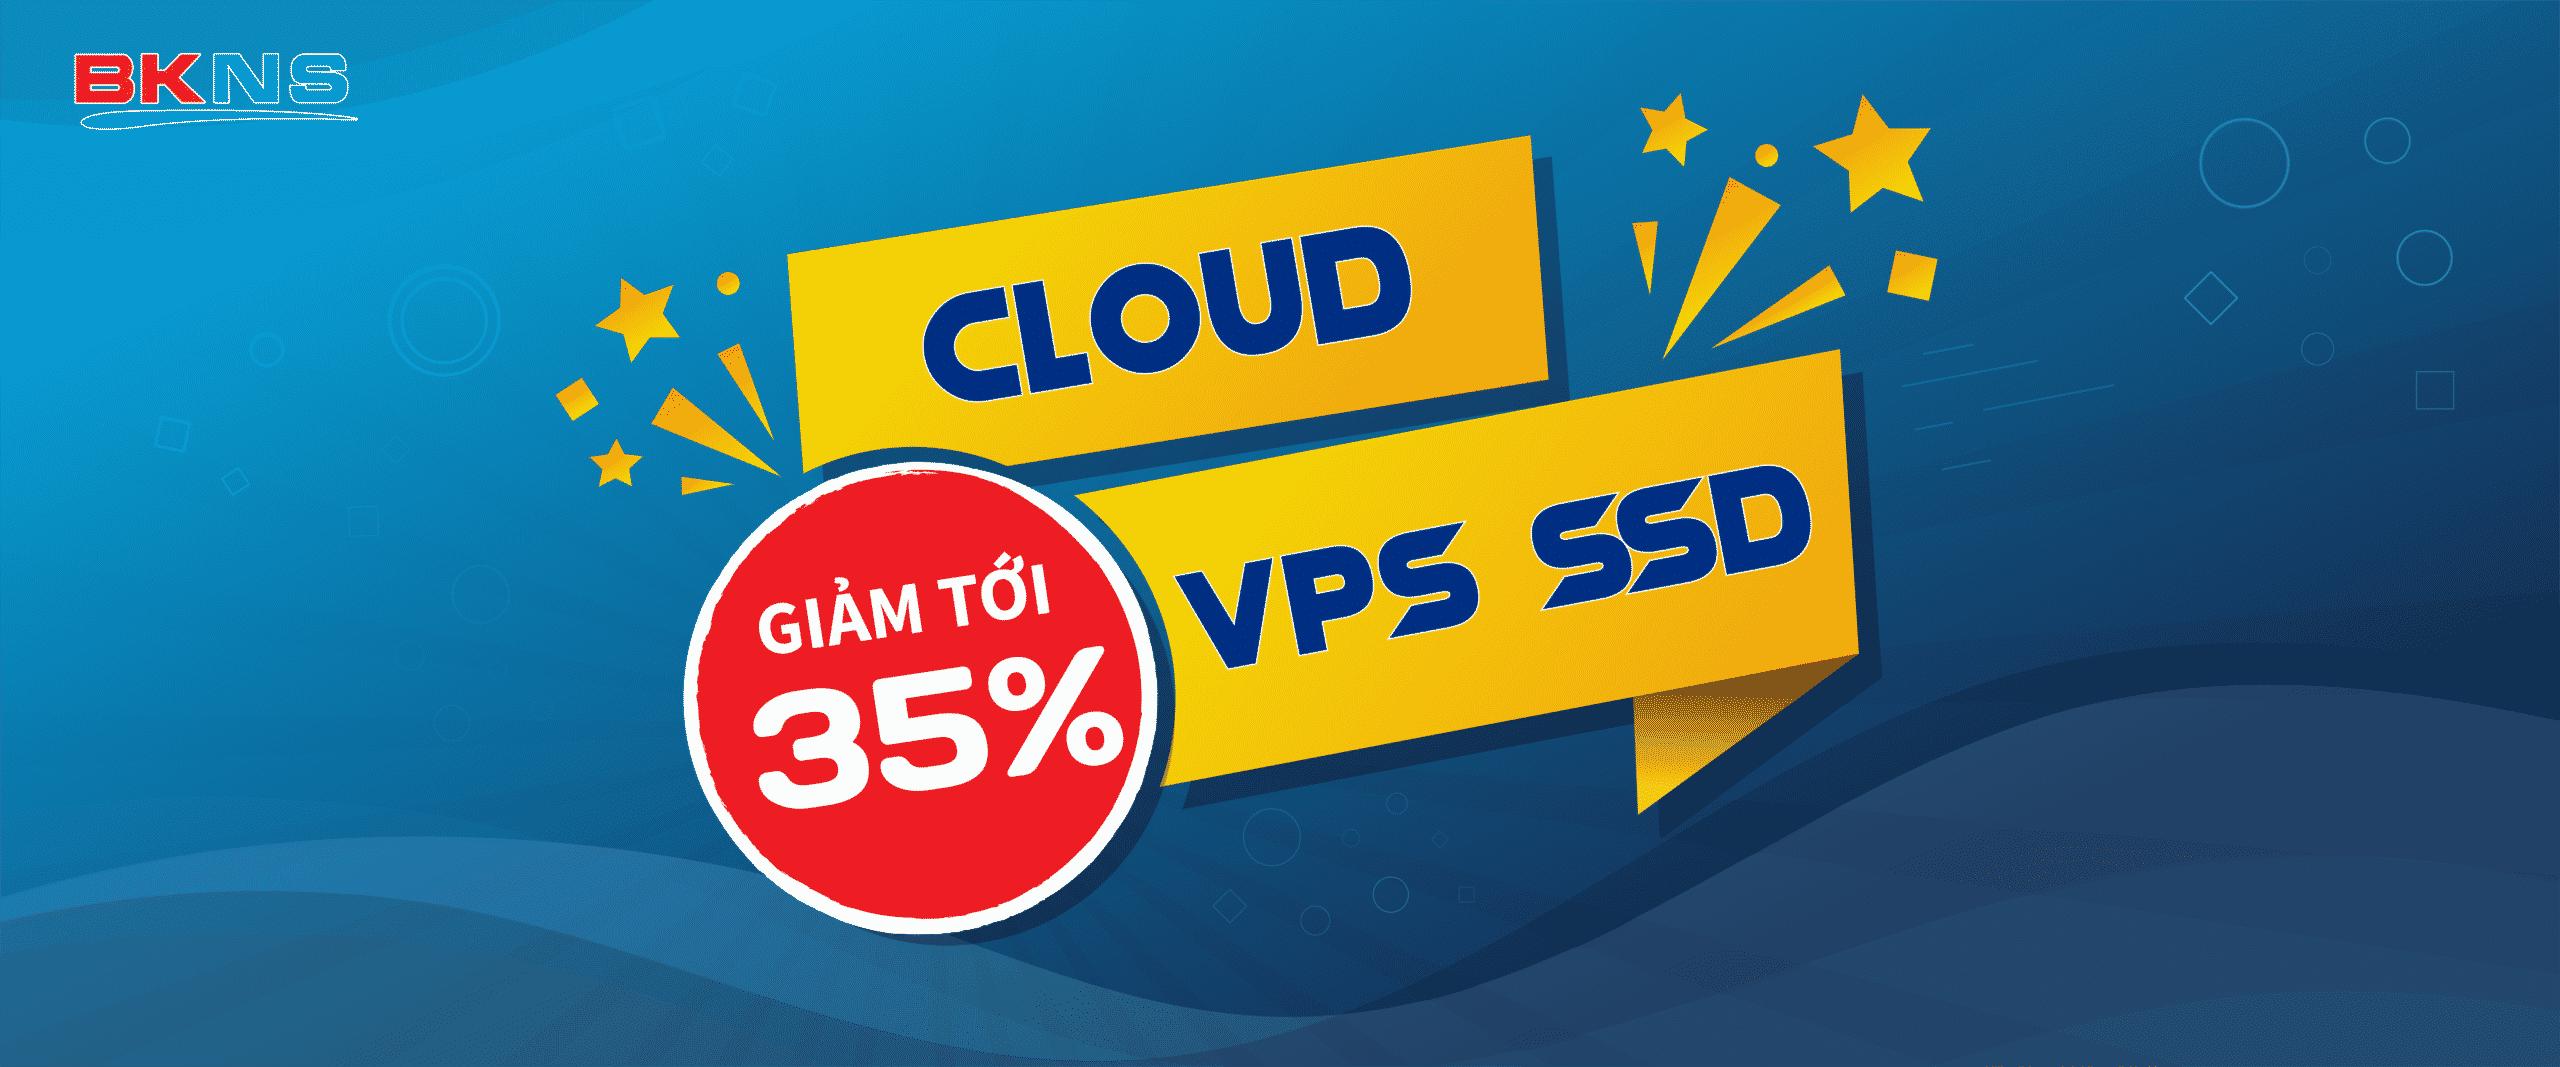 vps_35%-01-01-01